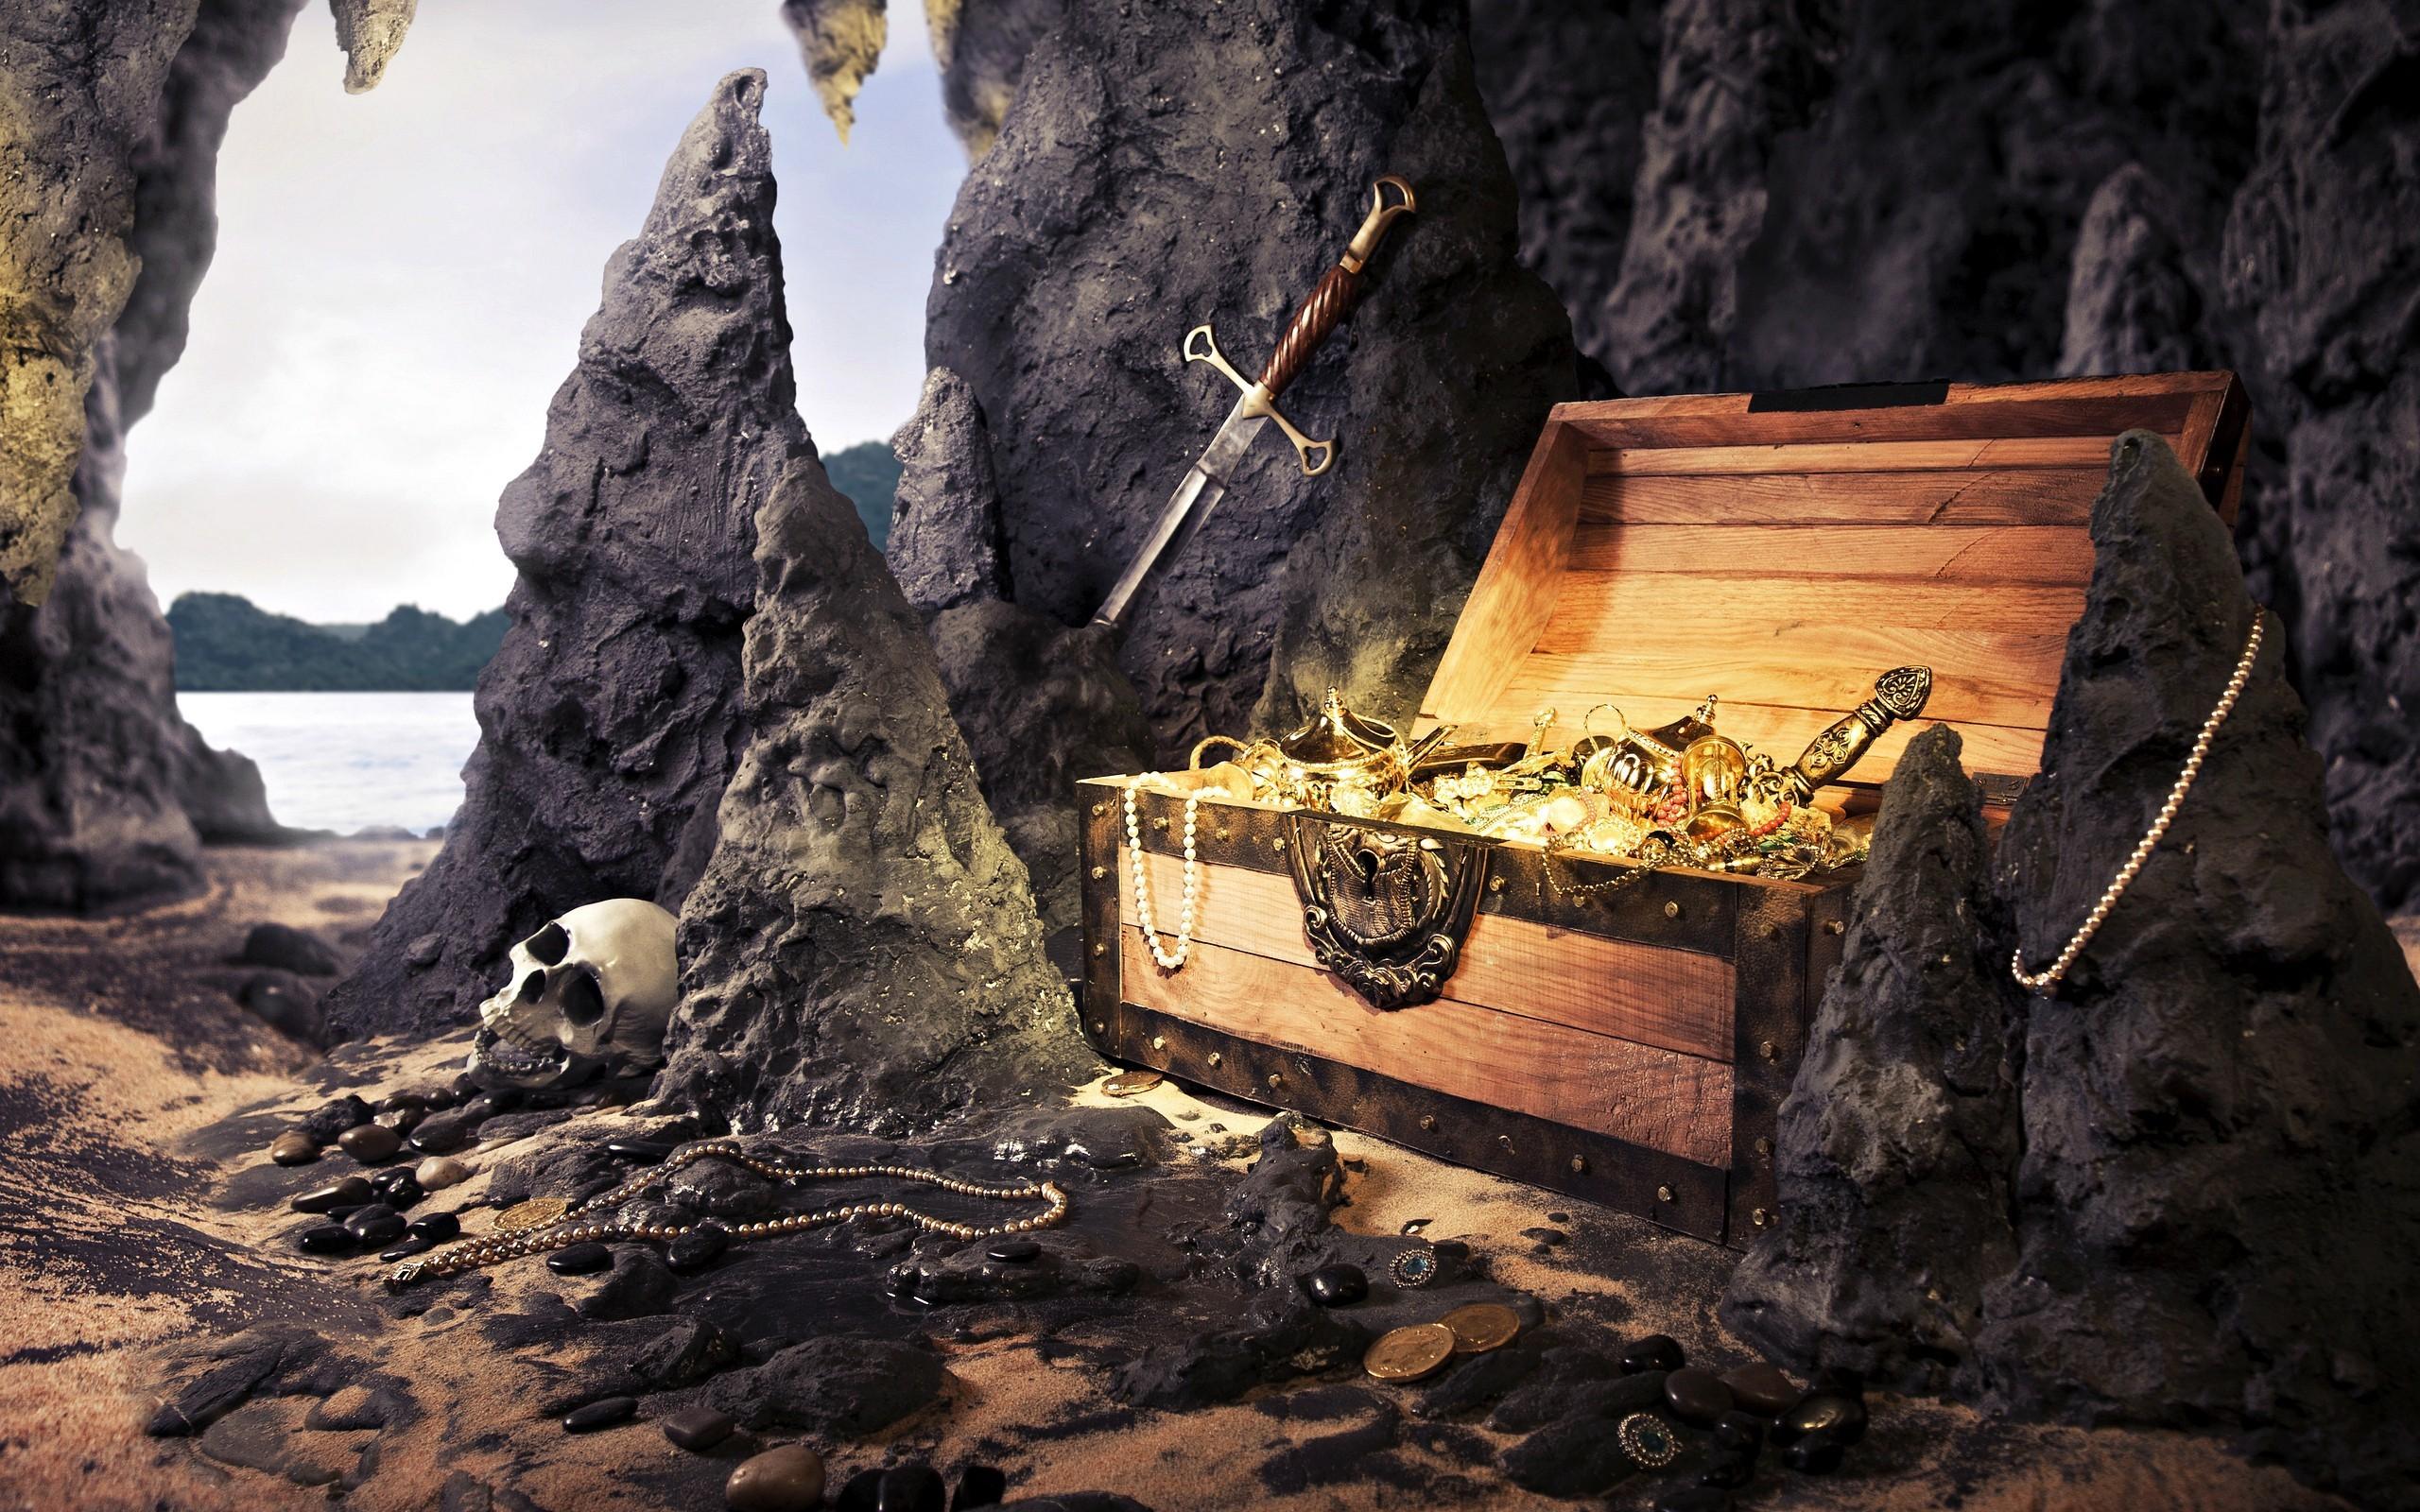 Картинки сокровищ в пещерах